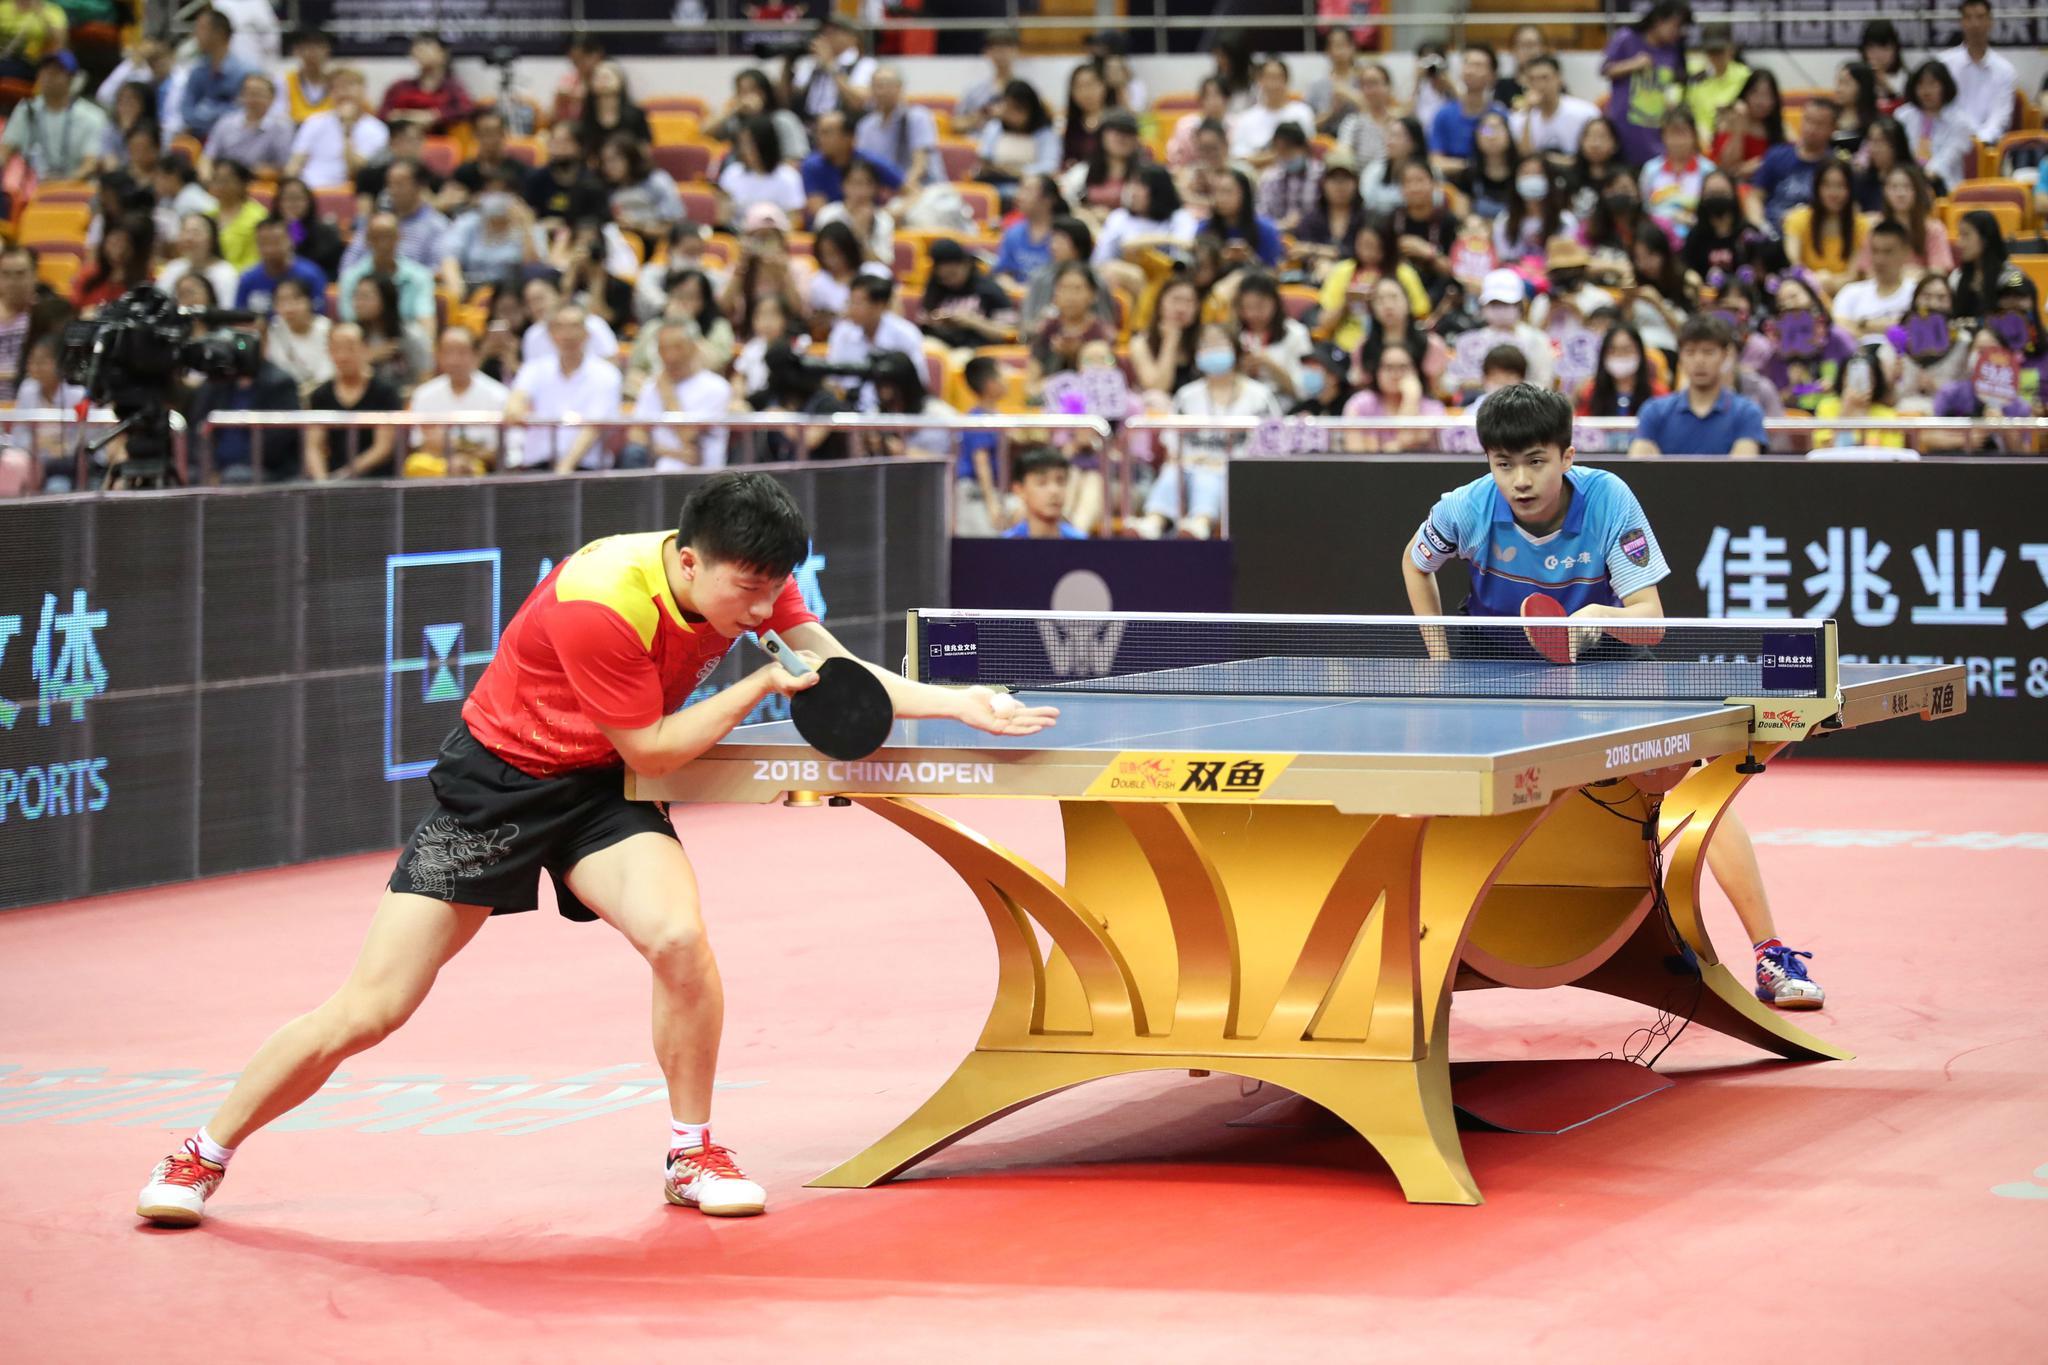 菁英航运国际乒联世界巡回赛2019年中国乒乓球公开赛火热开票,乒坛常青树将现身开幕式